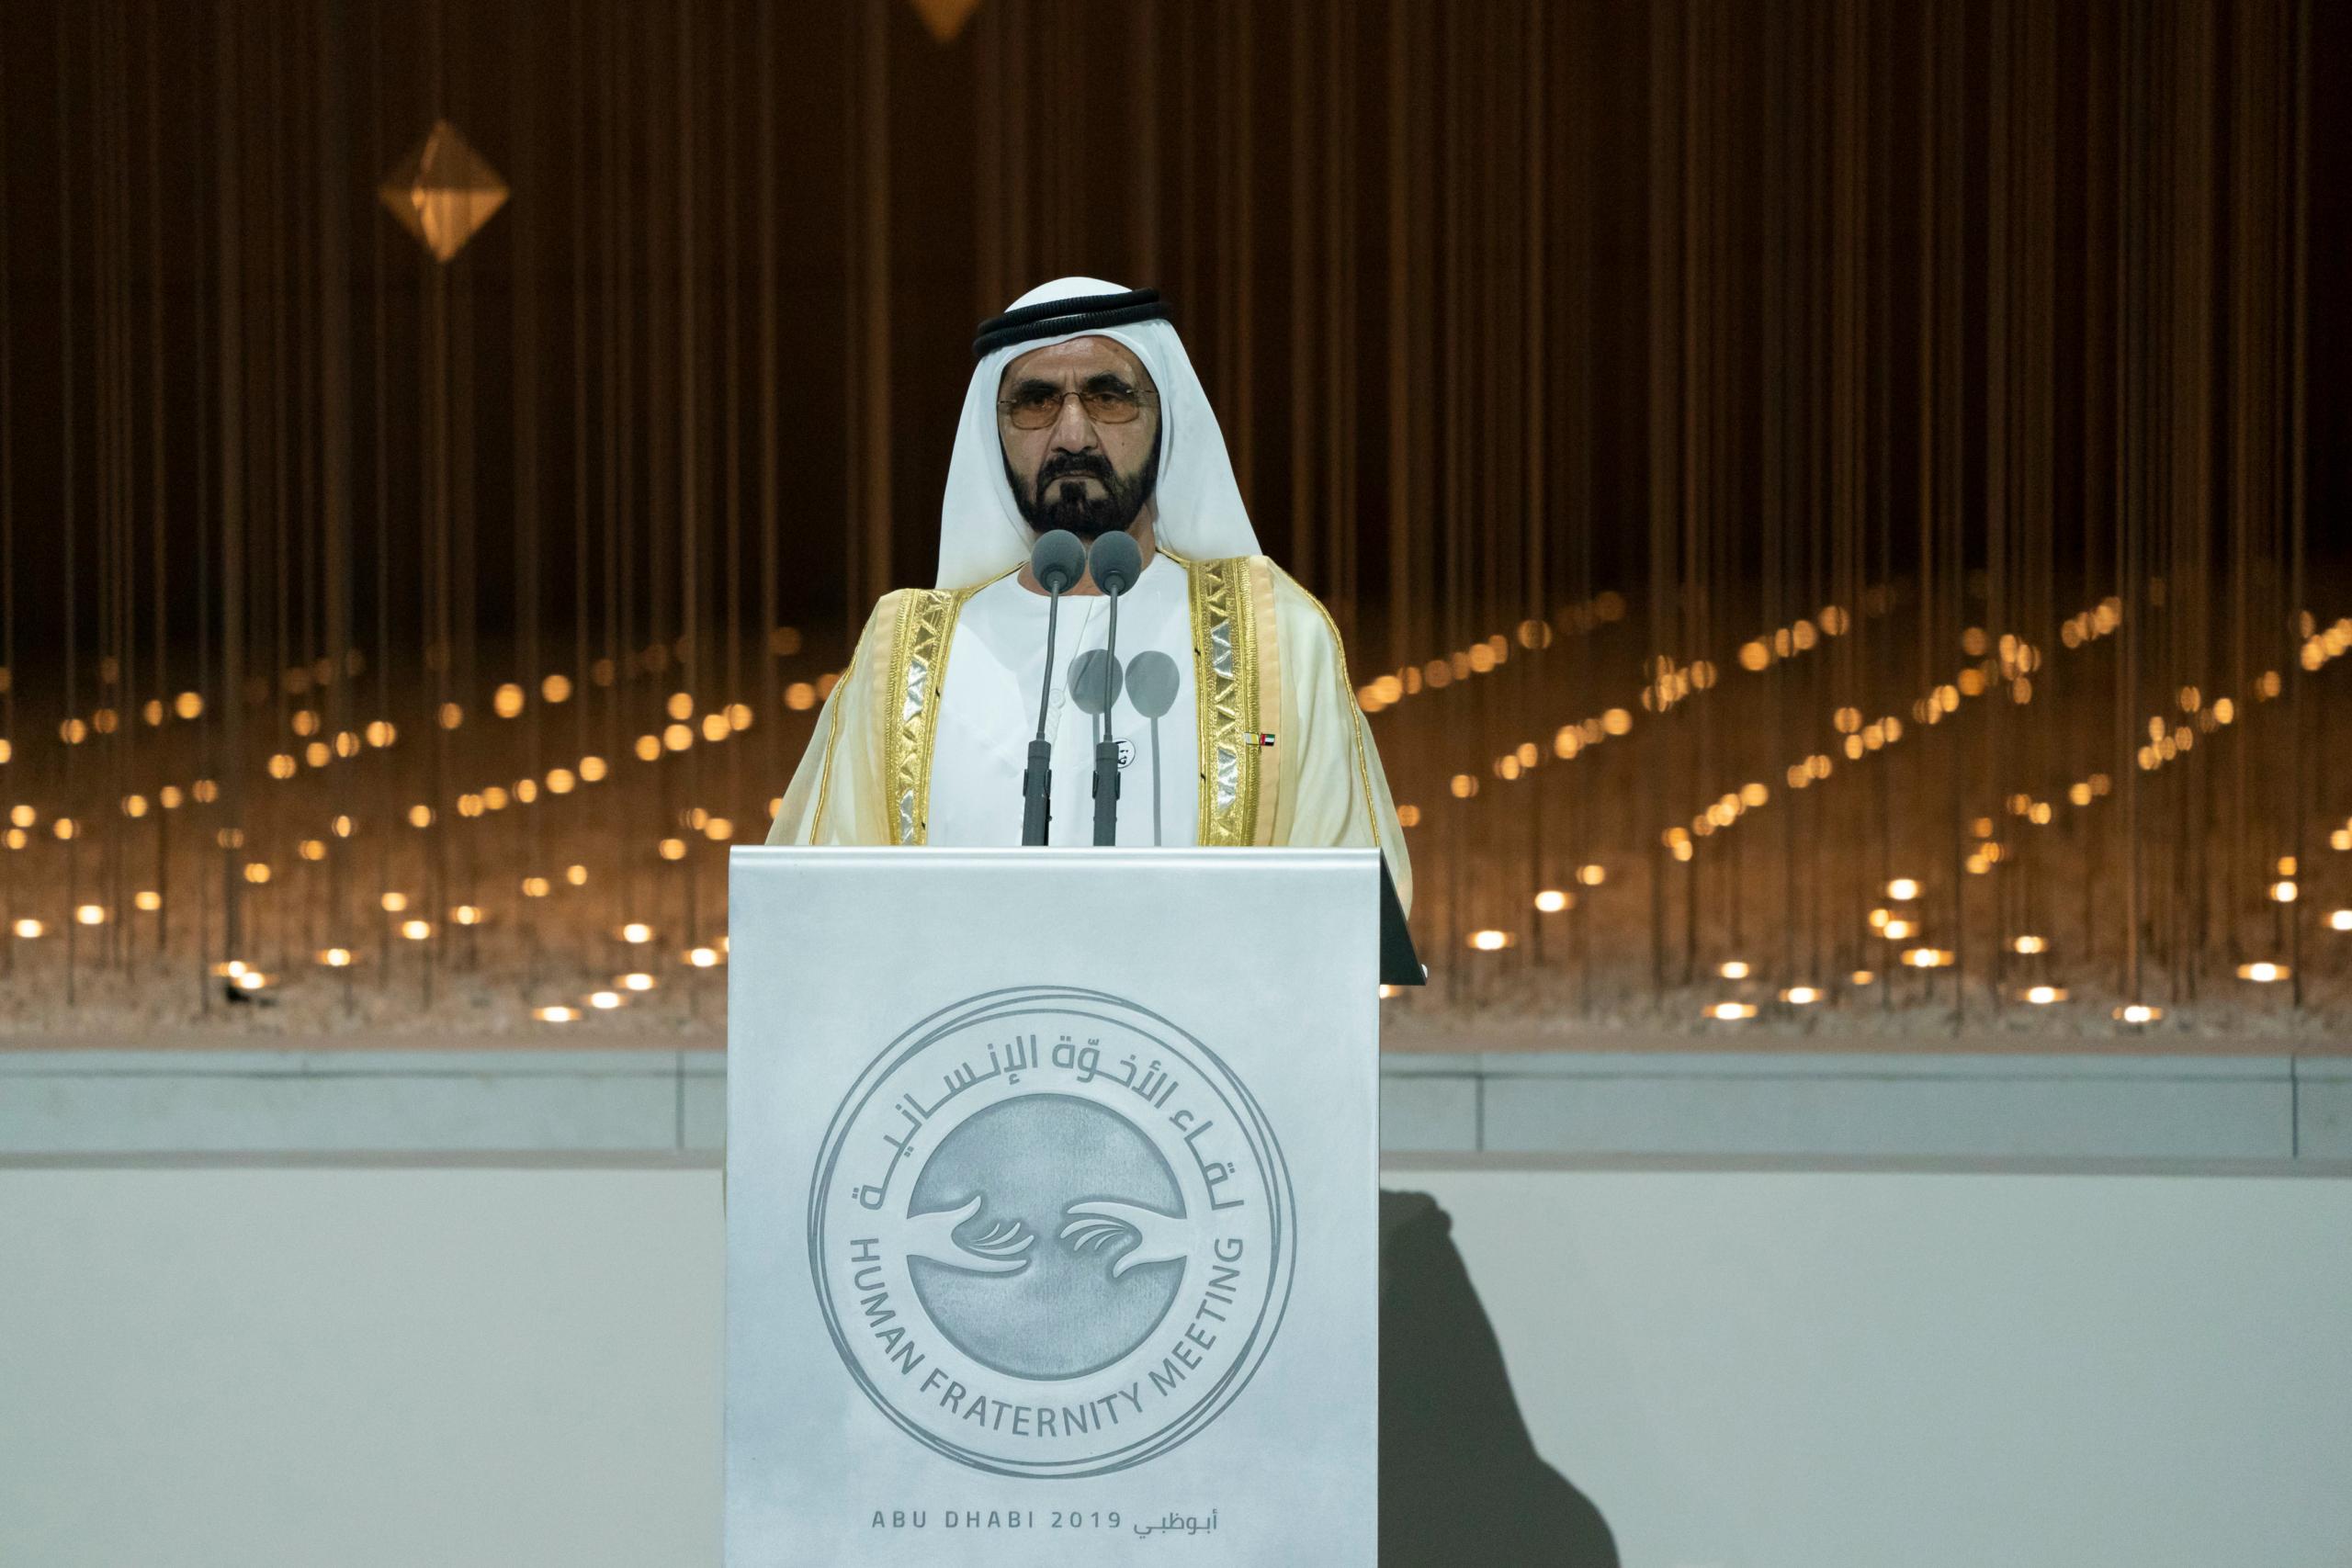 El vicepresident i primer ministre dels Emirats Àrabs Units (EAU), Mohammed bin Rashid al Maktum - Hamad Al Mansoori/Ministry of Pr / DPA - Arxiu Europa Press